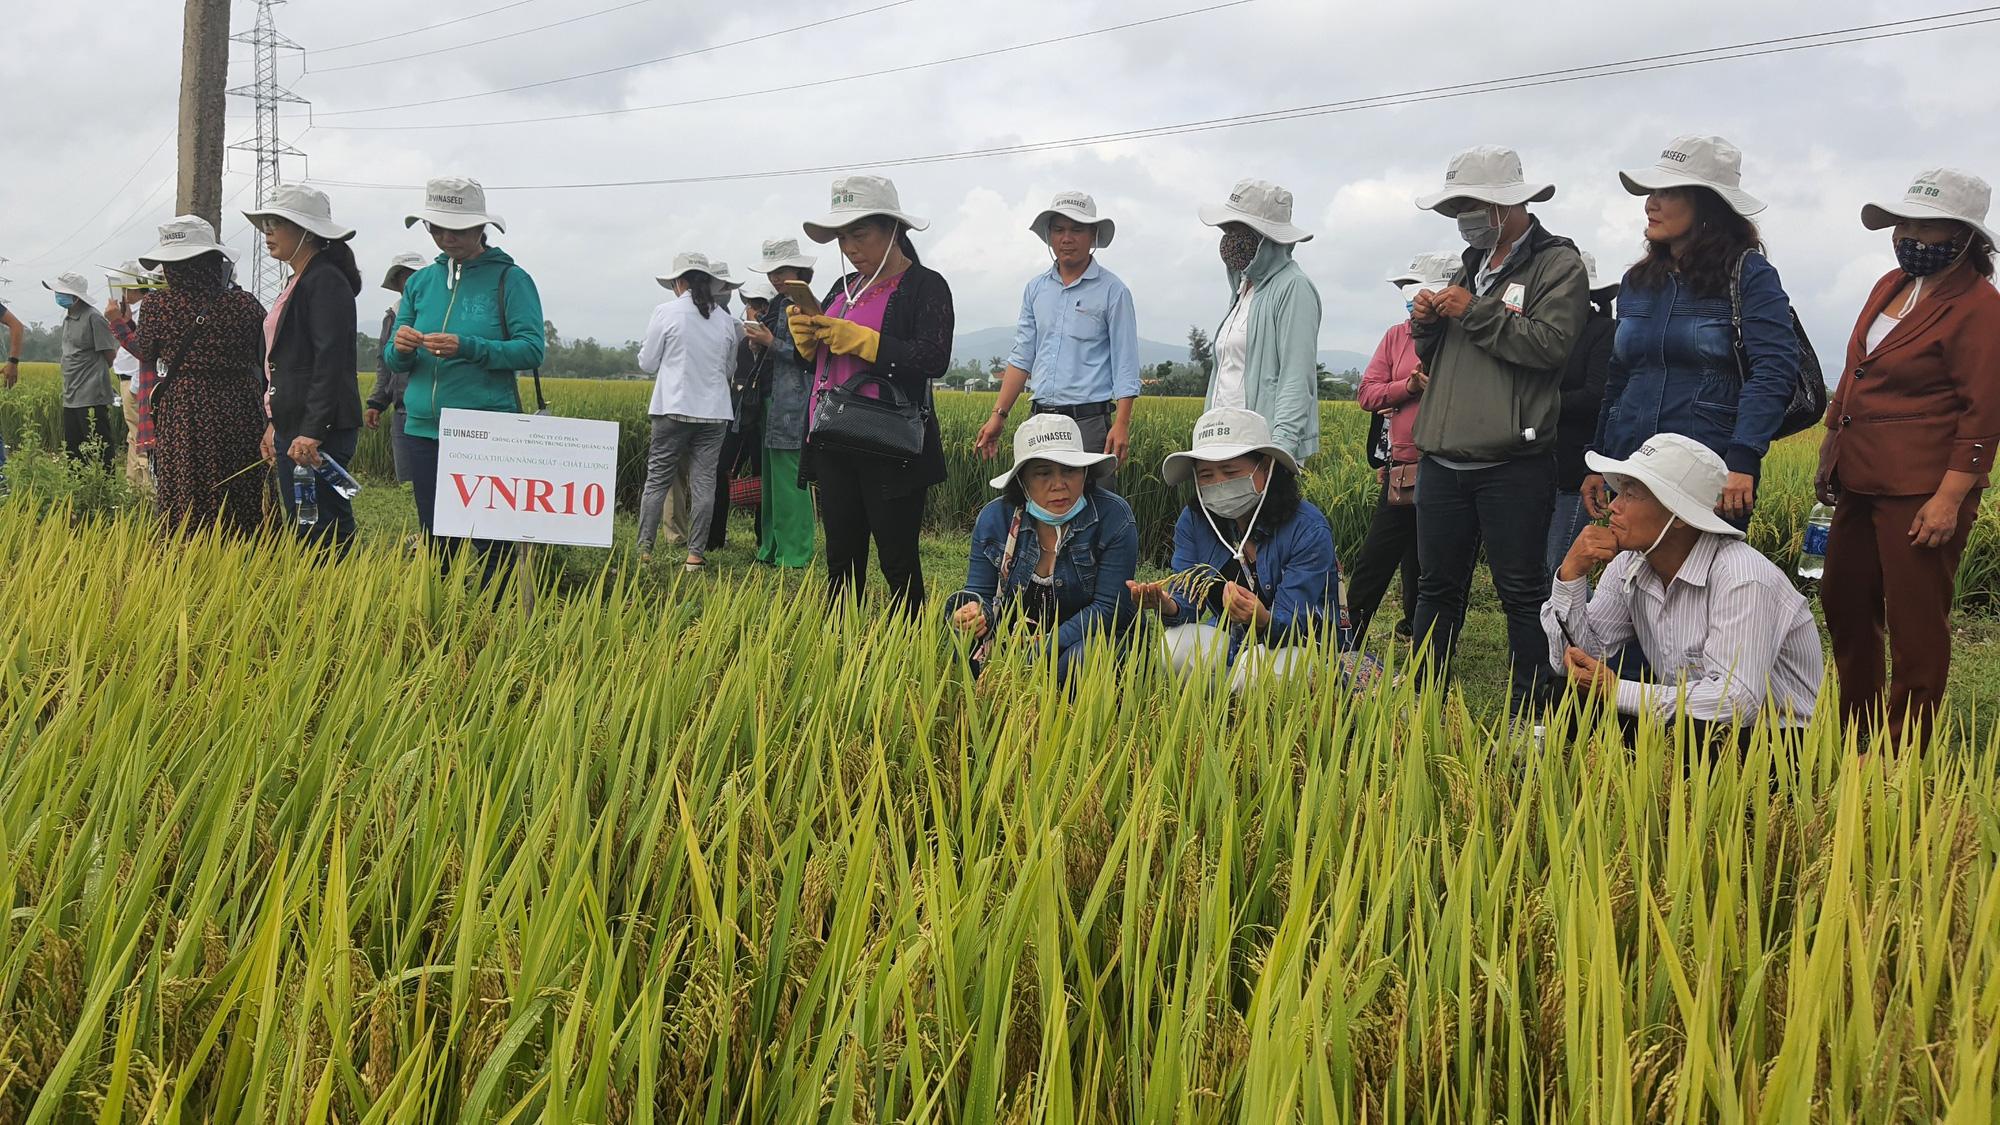 Quảng Nam: Bất ngờ với hai giống lúa mới năng suất cao, chất lượng tốt và chống chịu thời tiết khắc nghiệt - Ảnh 1.